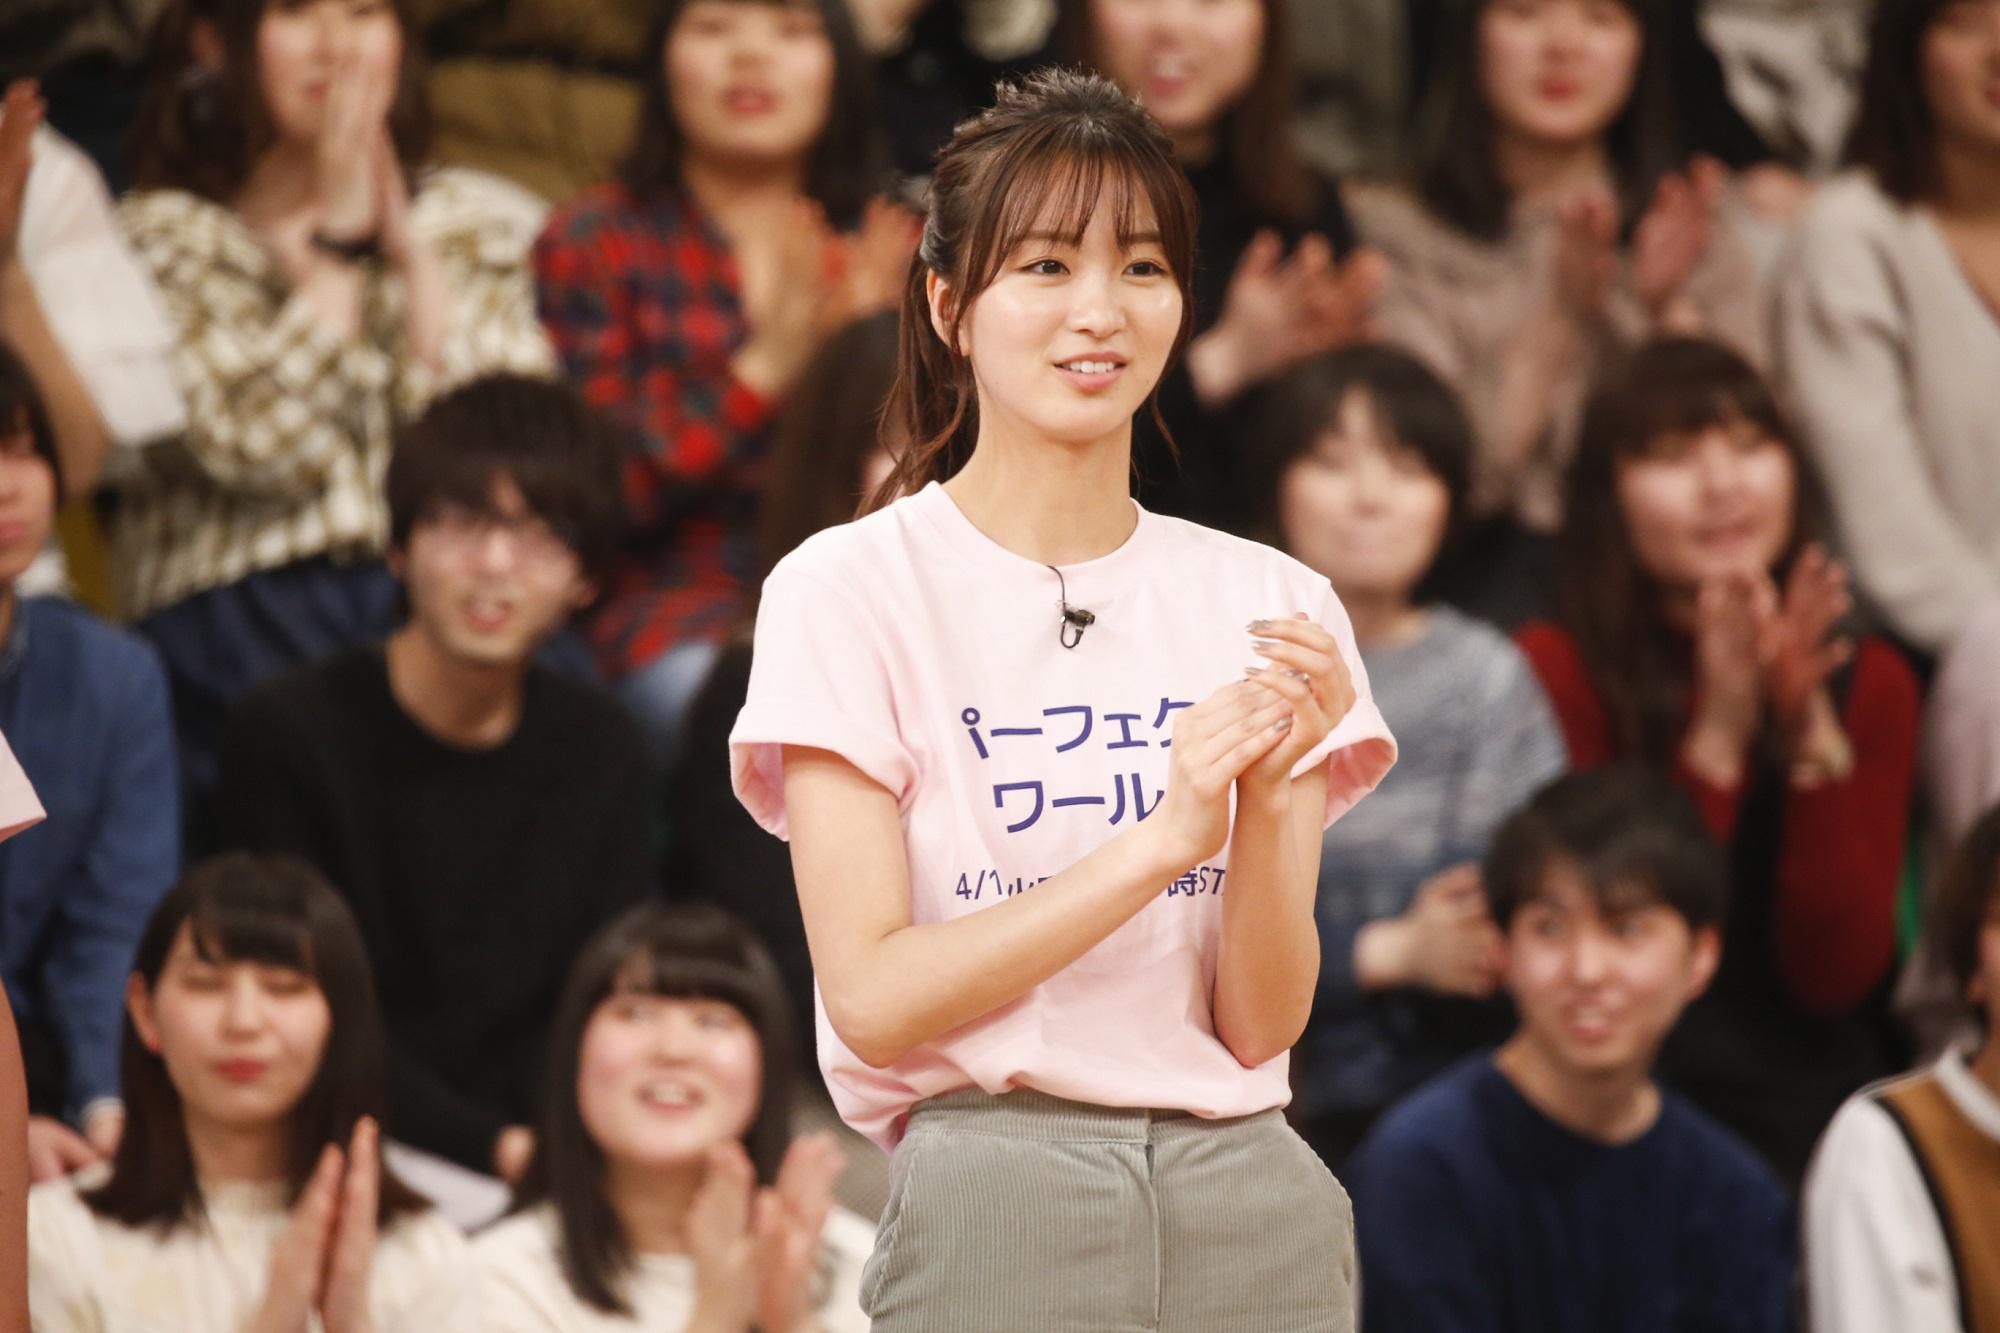 ノンスタ・井上裕介、岡崎紗絵に告白も撃沈「好きは自由やん